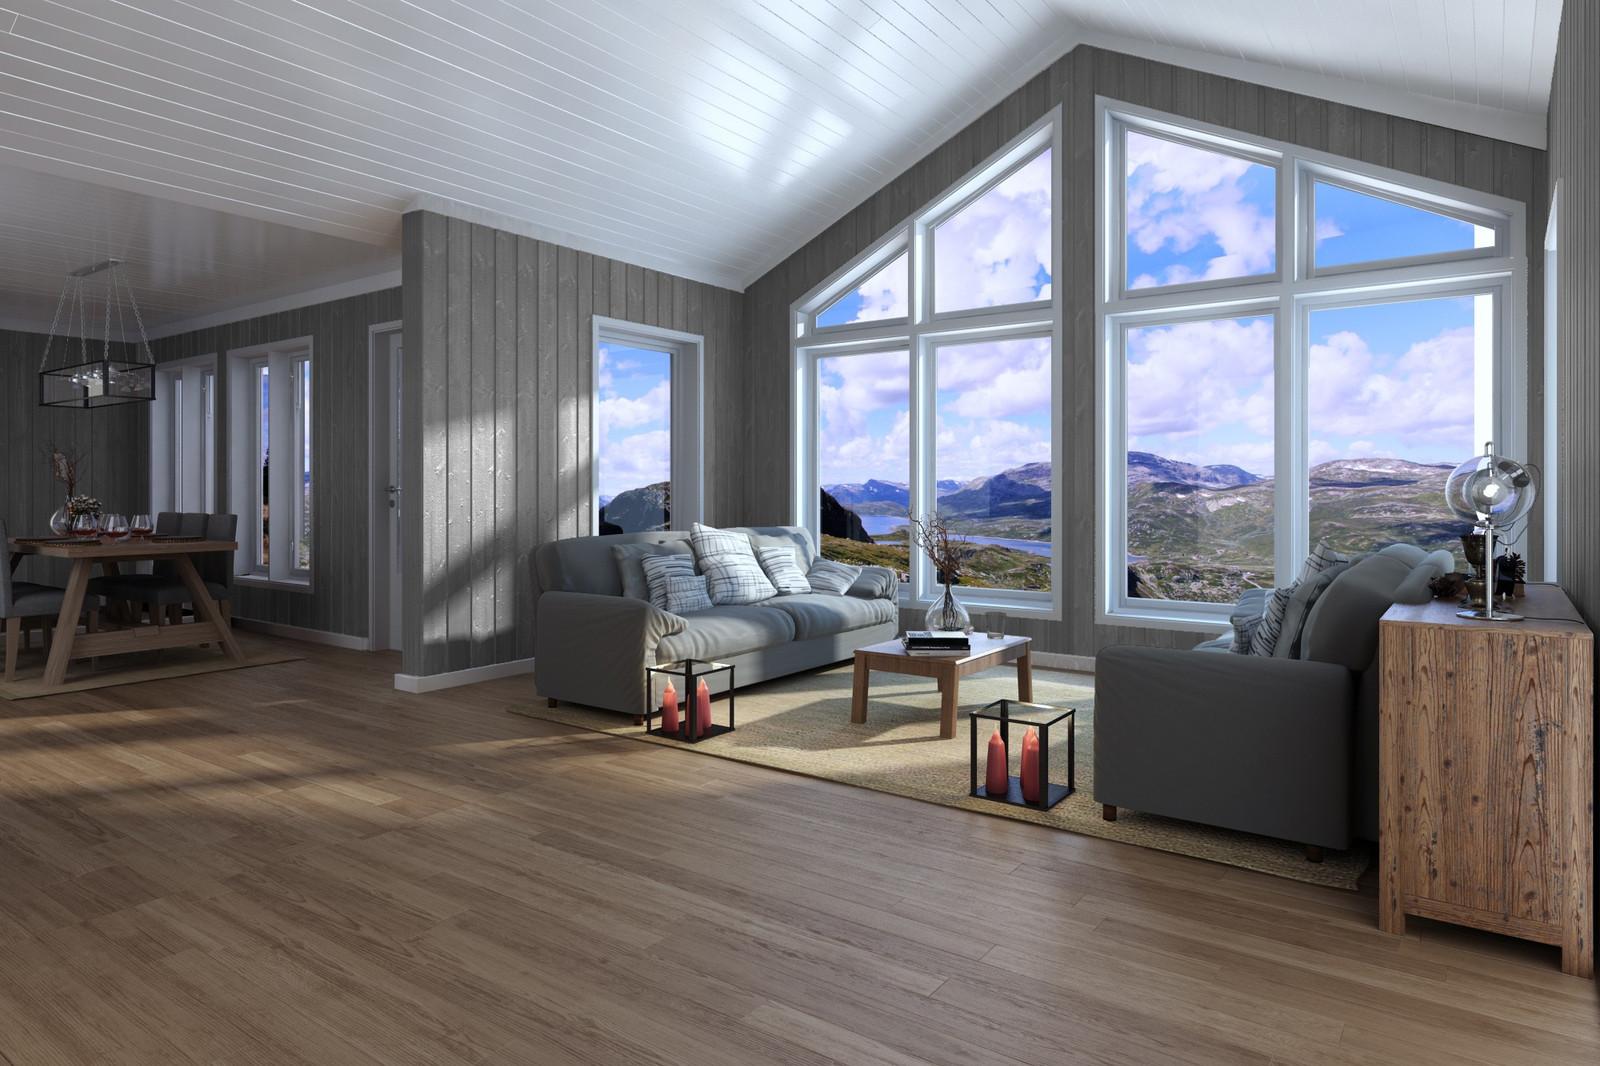 Høgtind illustrasjon stue. Herlig hytte og høy kvalitet i material valg